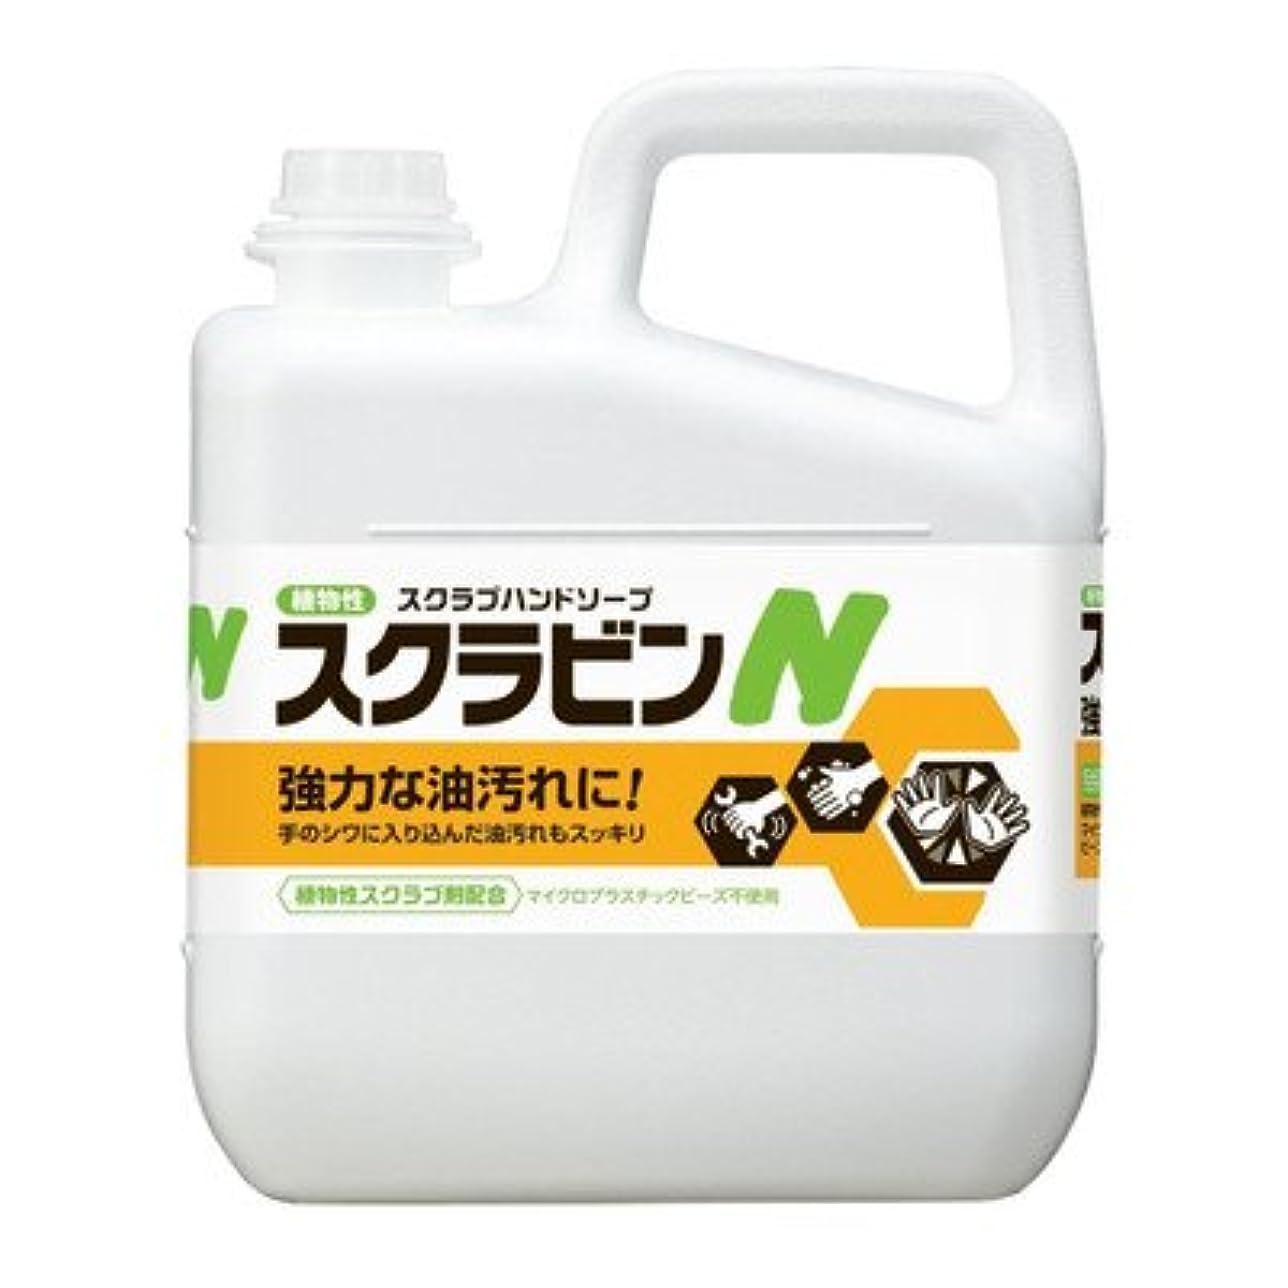 マニアック彼の合図環境と手肌に優しく油汚れを落とす植物性スクラブハンドソープ サラヤ 植物性スクラブハンドソープ スクラビンN 5kg 23155